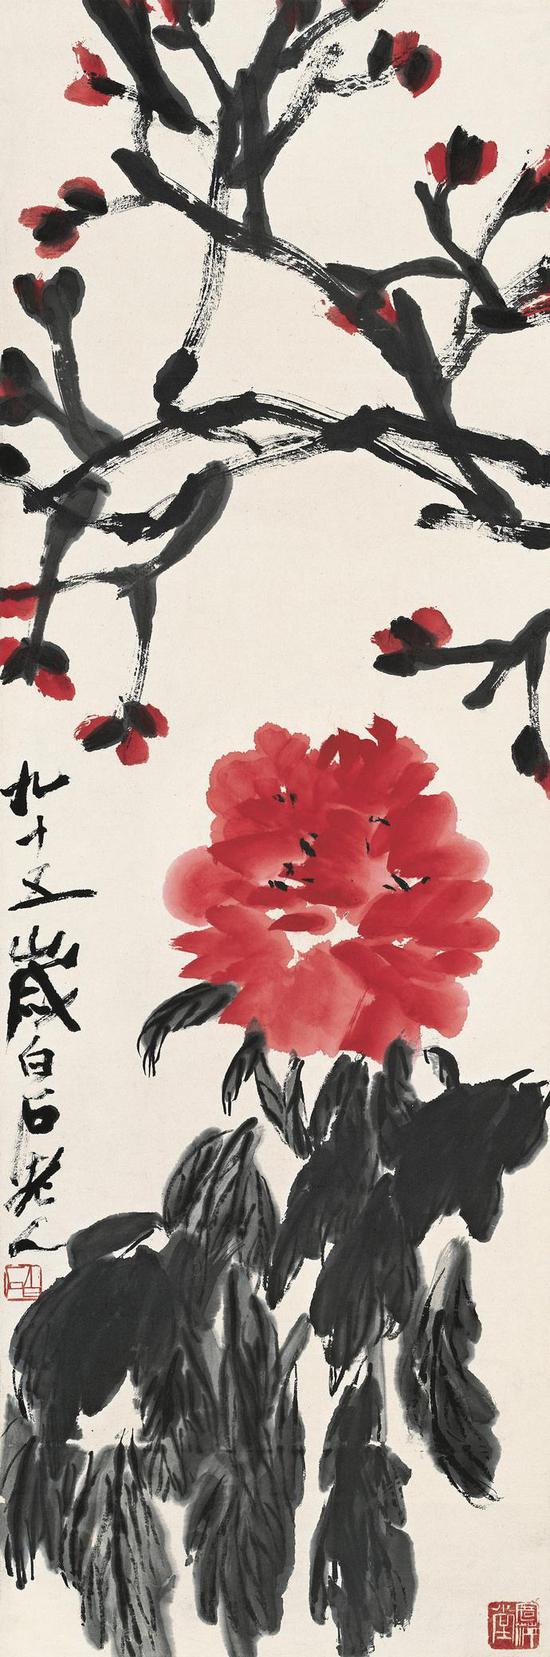 齐白石 《牡丹》103.5×34cm 纸本设色 1955年 北京画院藏